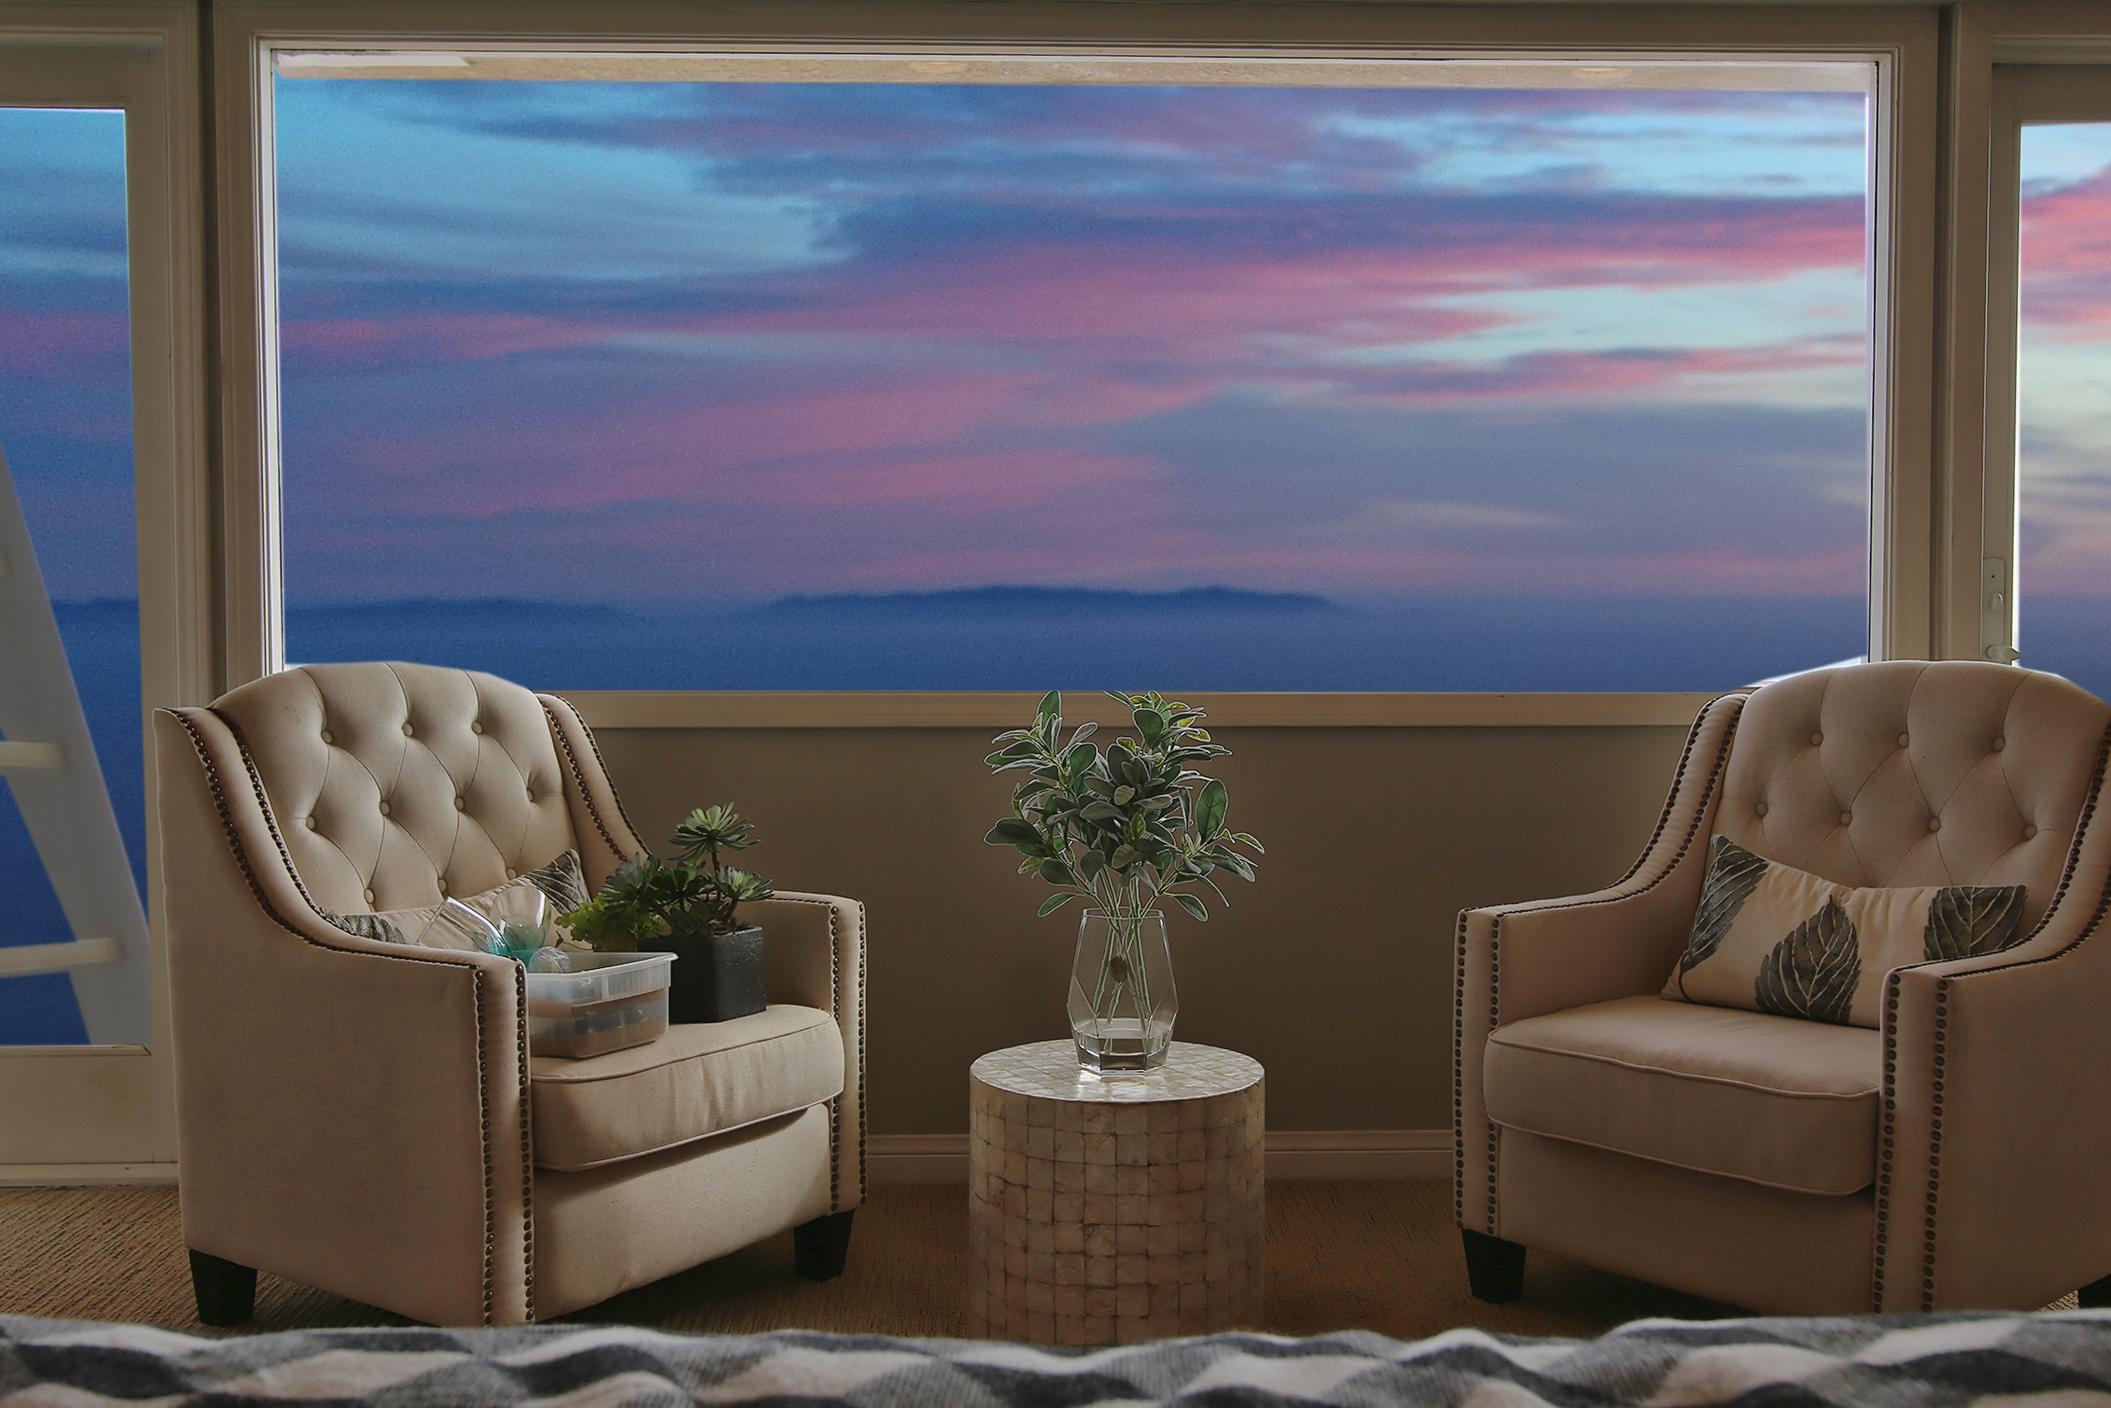 chamberlain-A102 Sunset 2.jpg